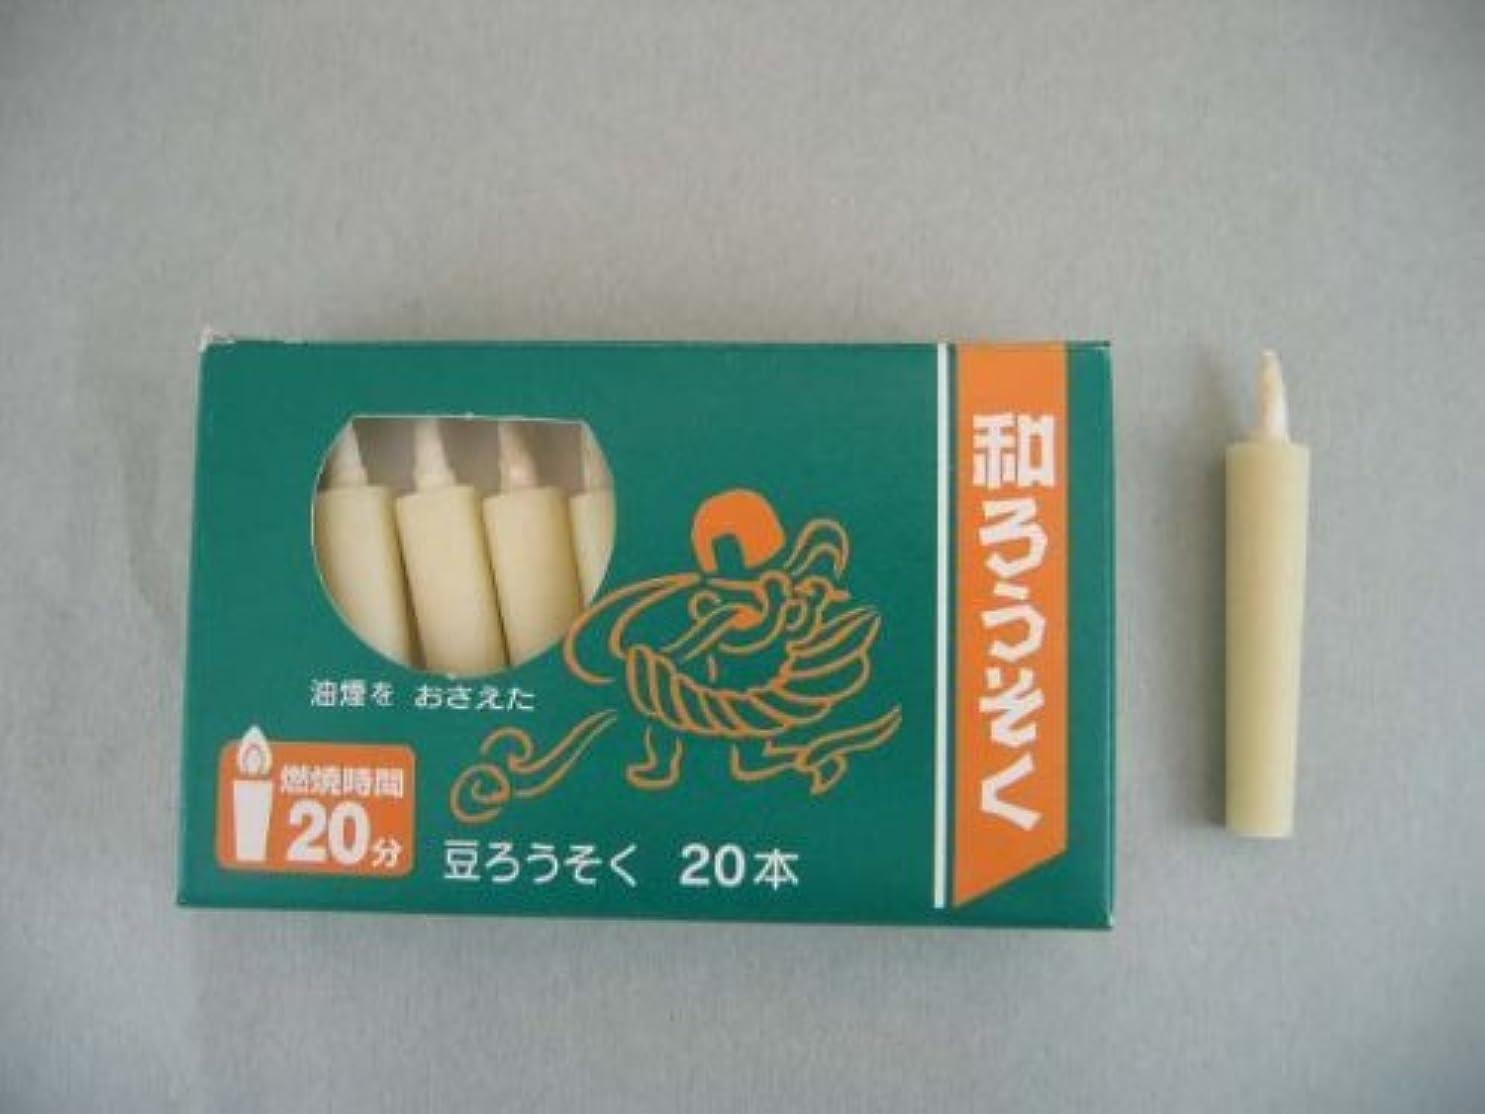 パノラマ作者伝導和ろうそく 型和蝋燭 ローソク 豆型 棒タイプ 白 小箱 20本入り